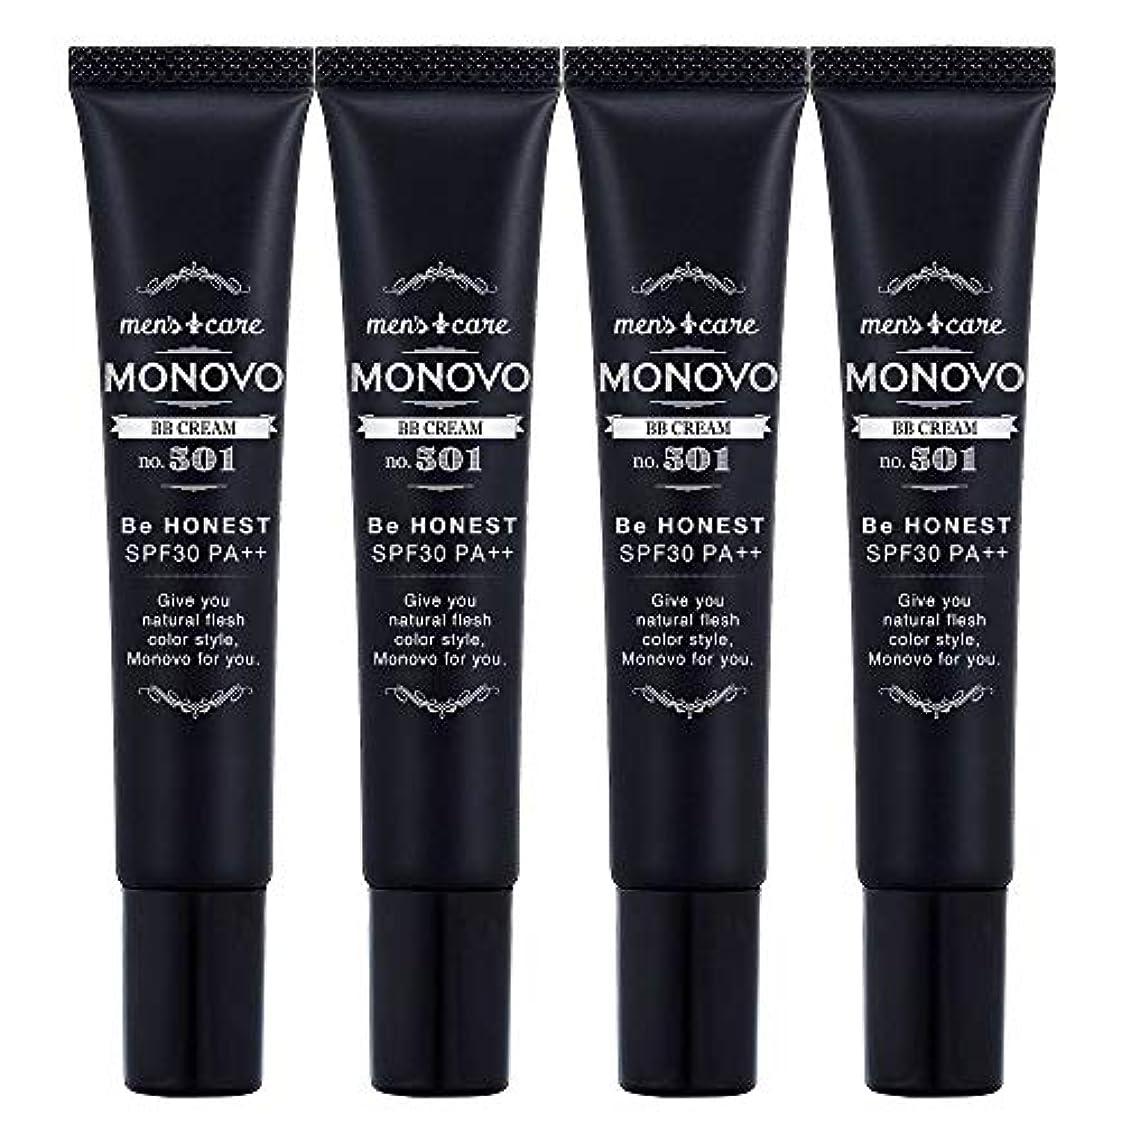 同等のまたは水平MONOVO BBクリーム メンズ コンシーラー ファンデーション効果で青髭/テカリ/肌荒れ隠し[ SPF30/PA++] 4本 80g